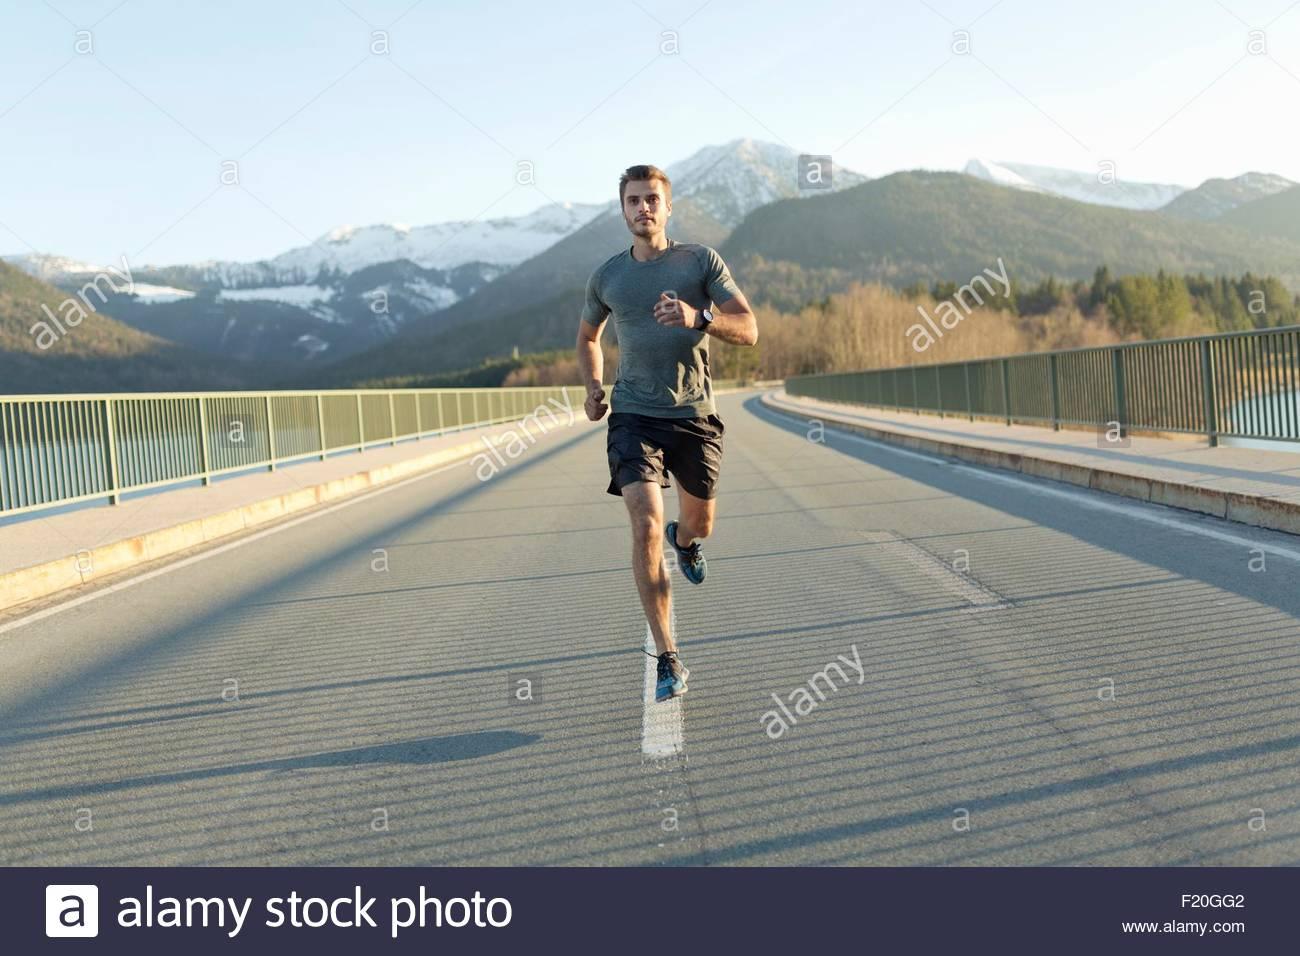 Joven, corriendo en la carretera, las montañas detrás de él, vista frontal Imagen De Stock